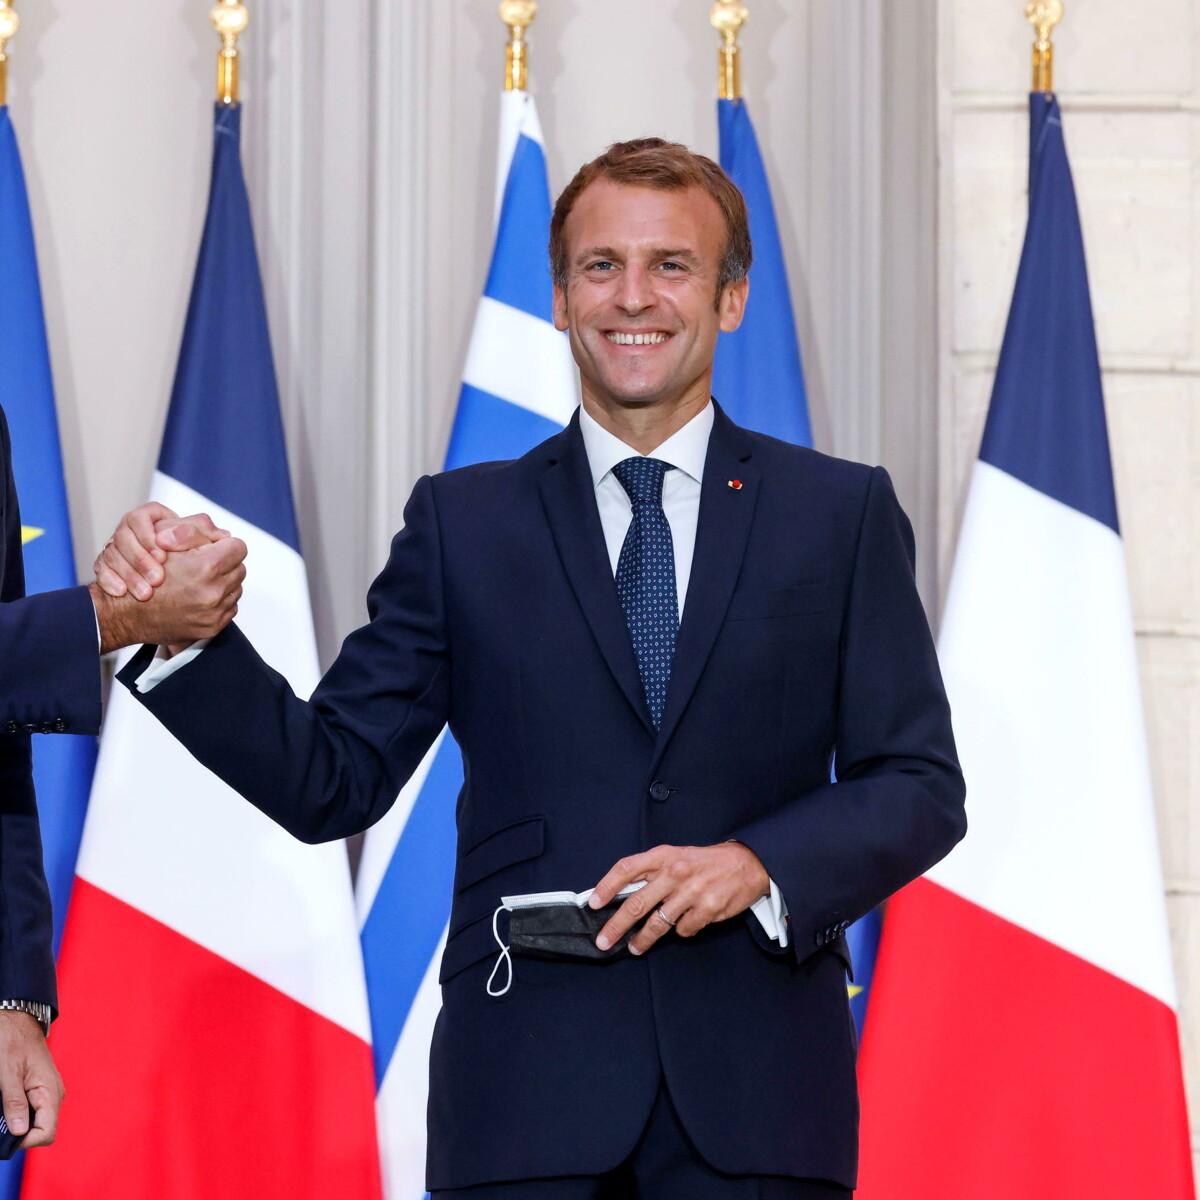 La Francia si consola con la Grecia: appalto da cinque miliardi per navi militari